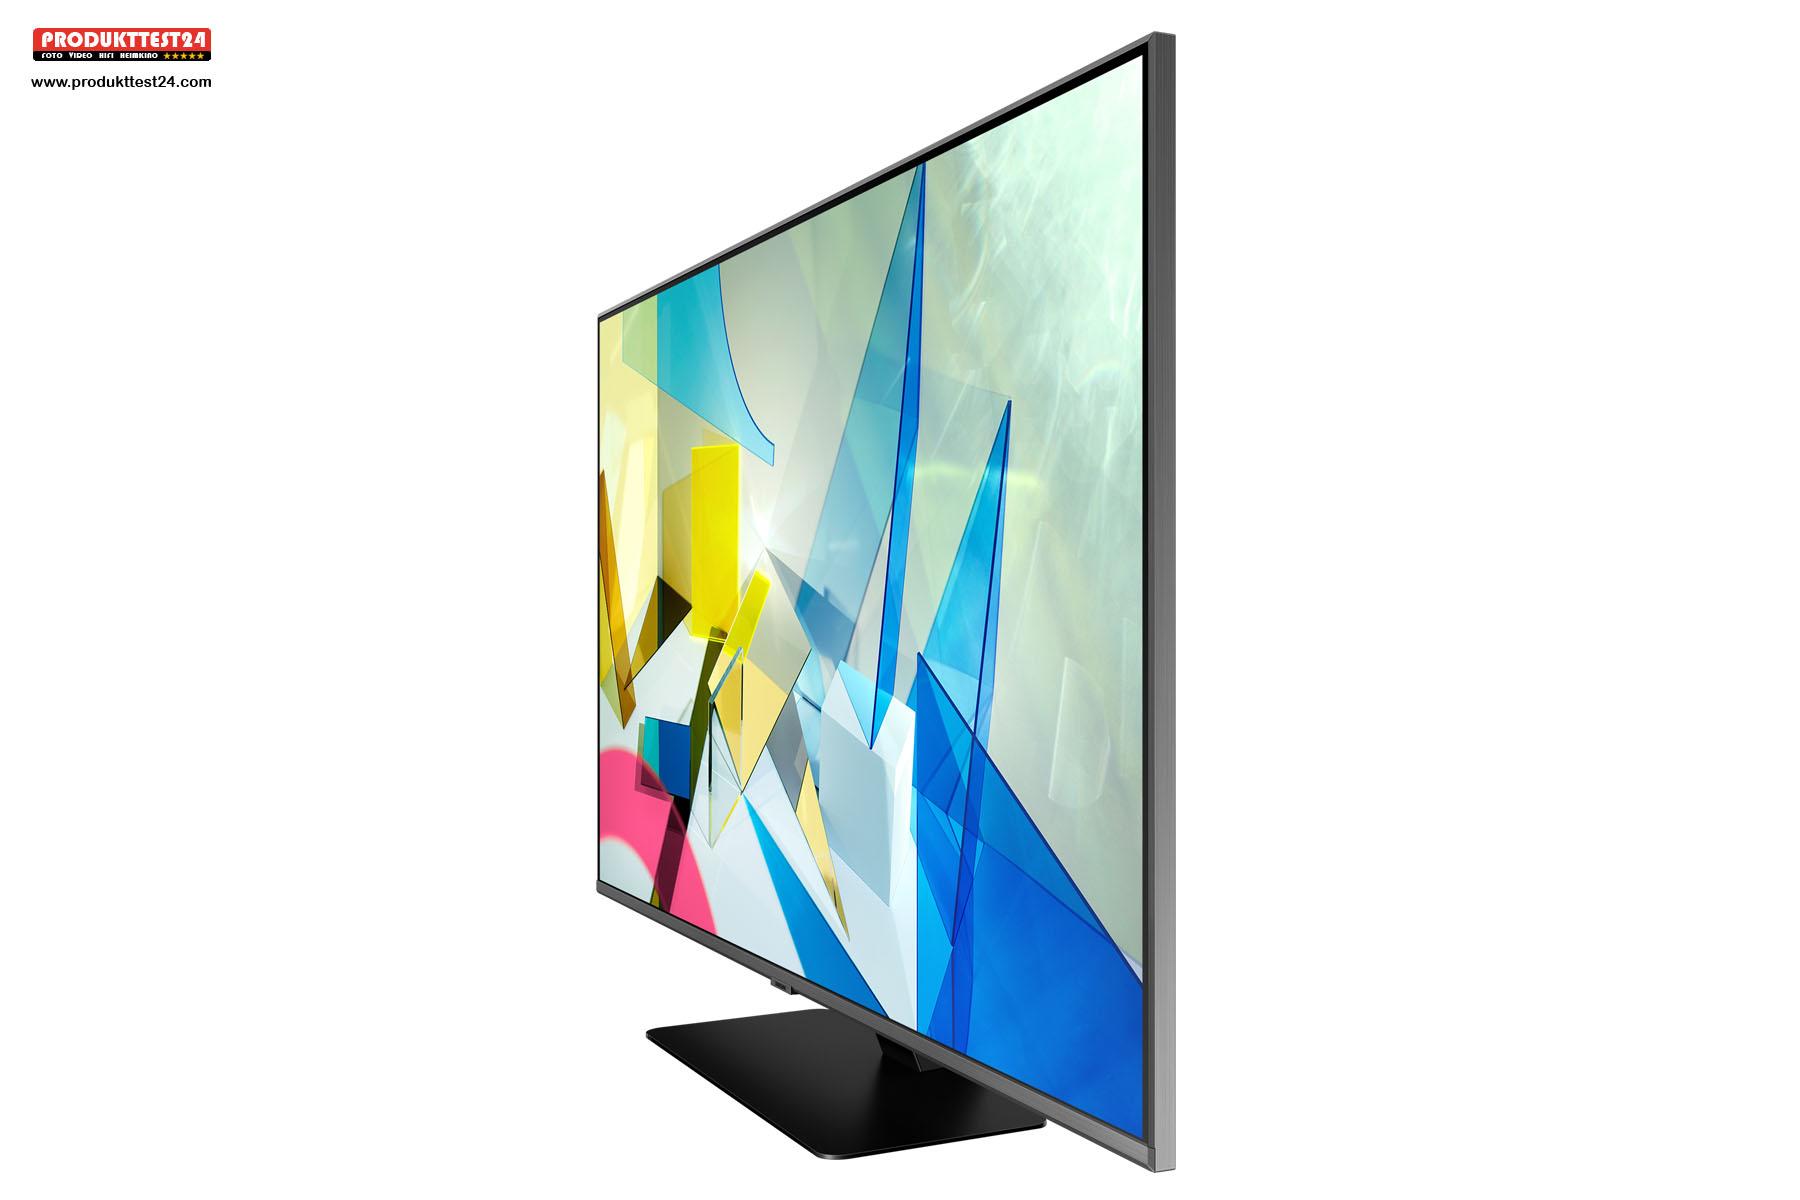 Der Samsung Q80T bietet eine hohe Blickwinkelstabilität